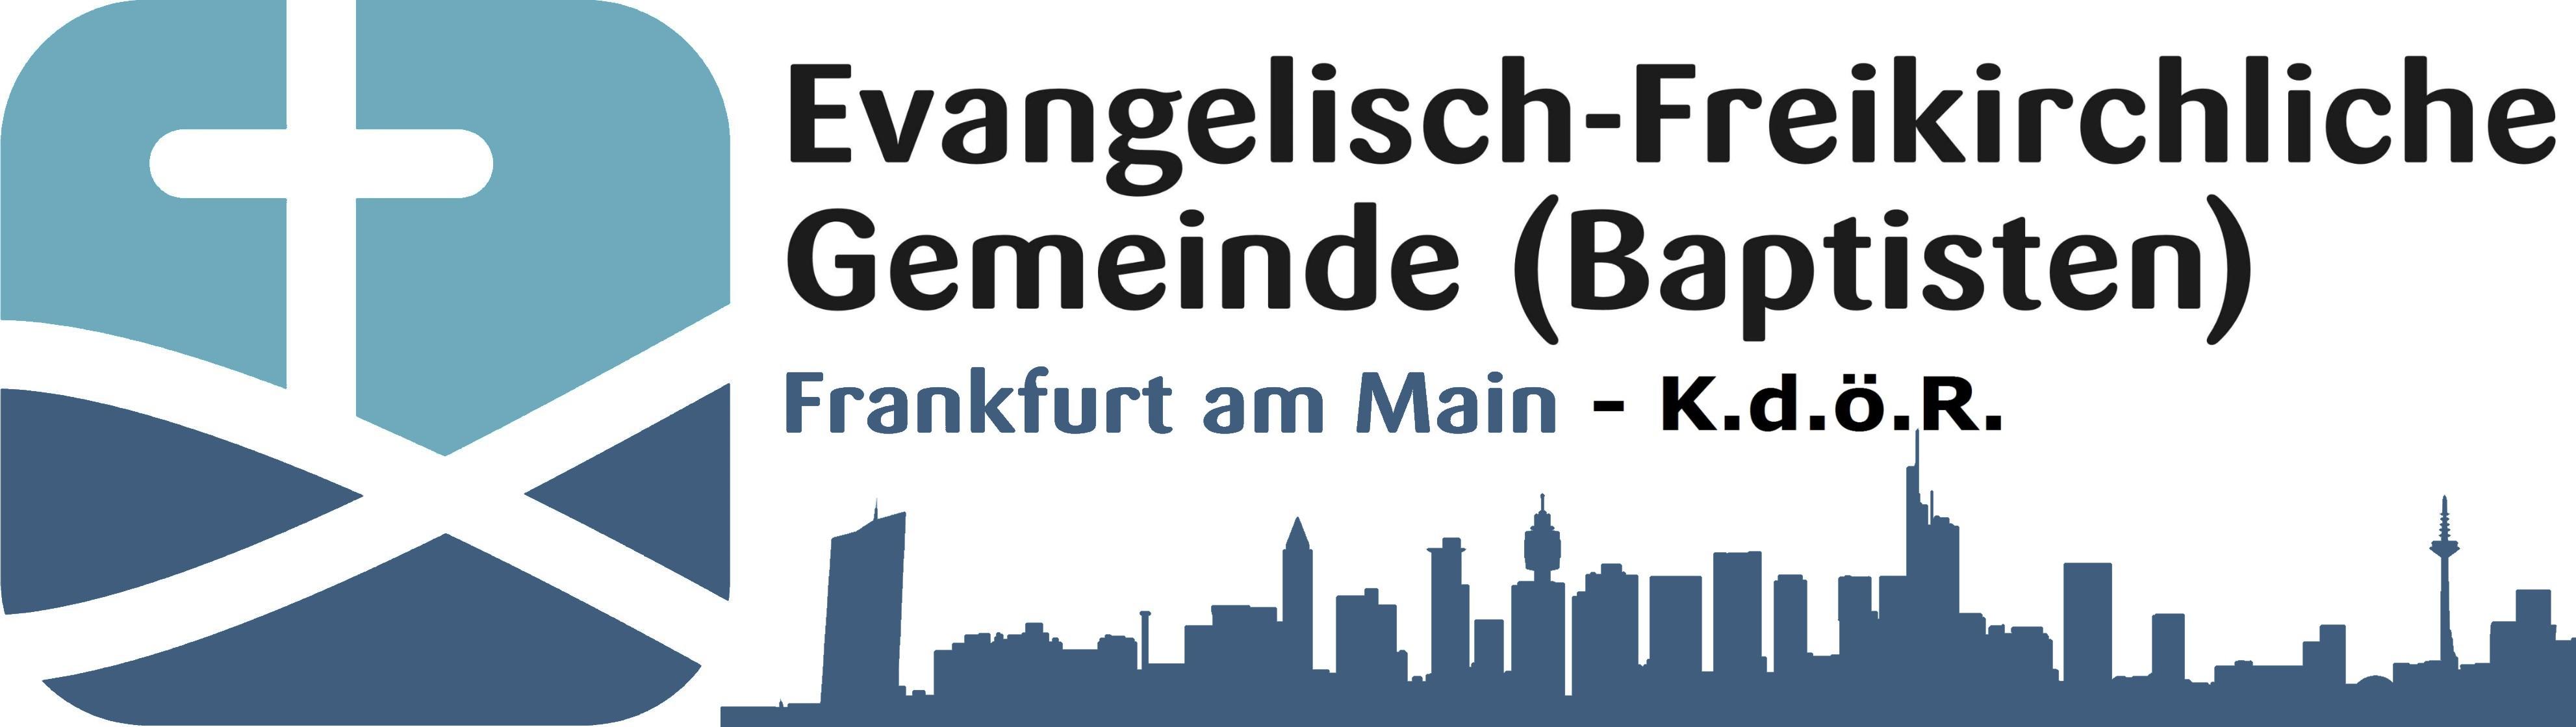 Evangelisch-freikirchliche Gemeinde Frankfurt